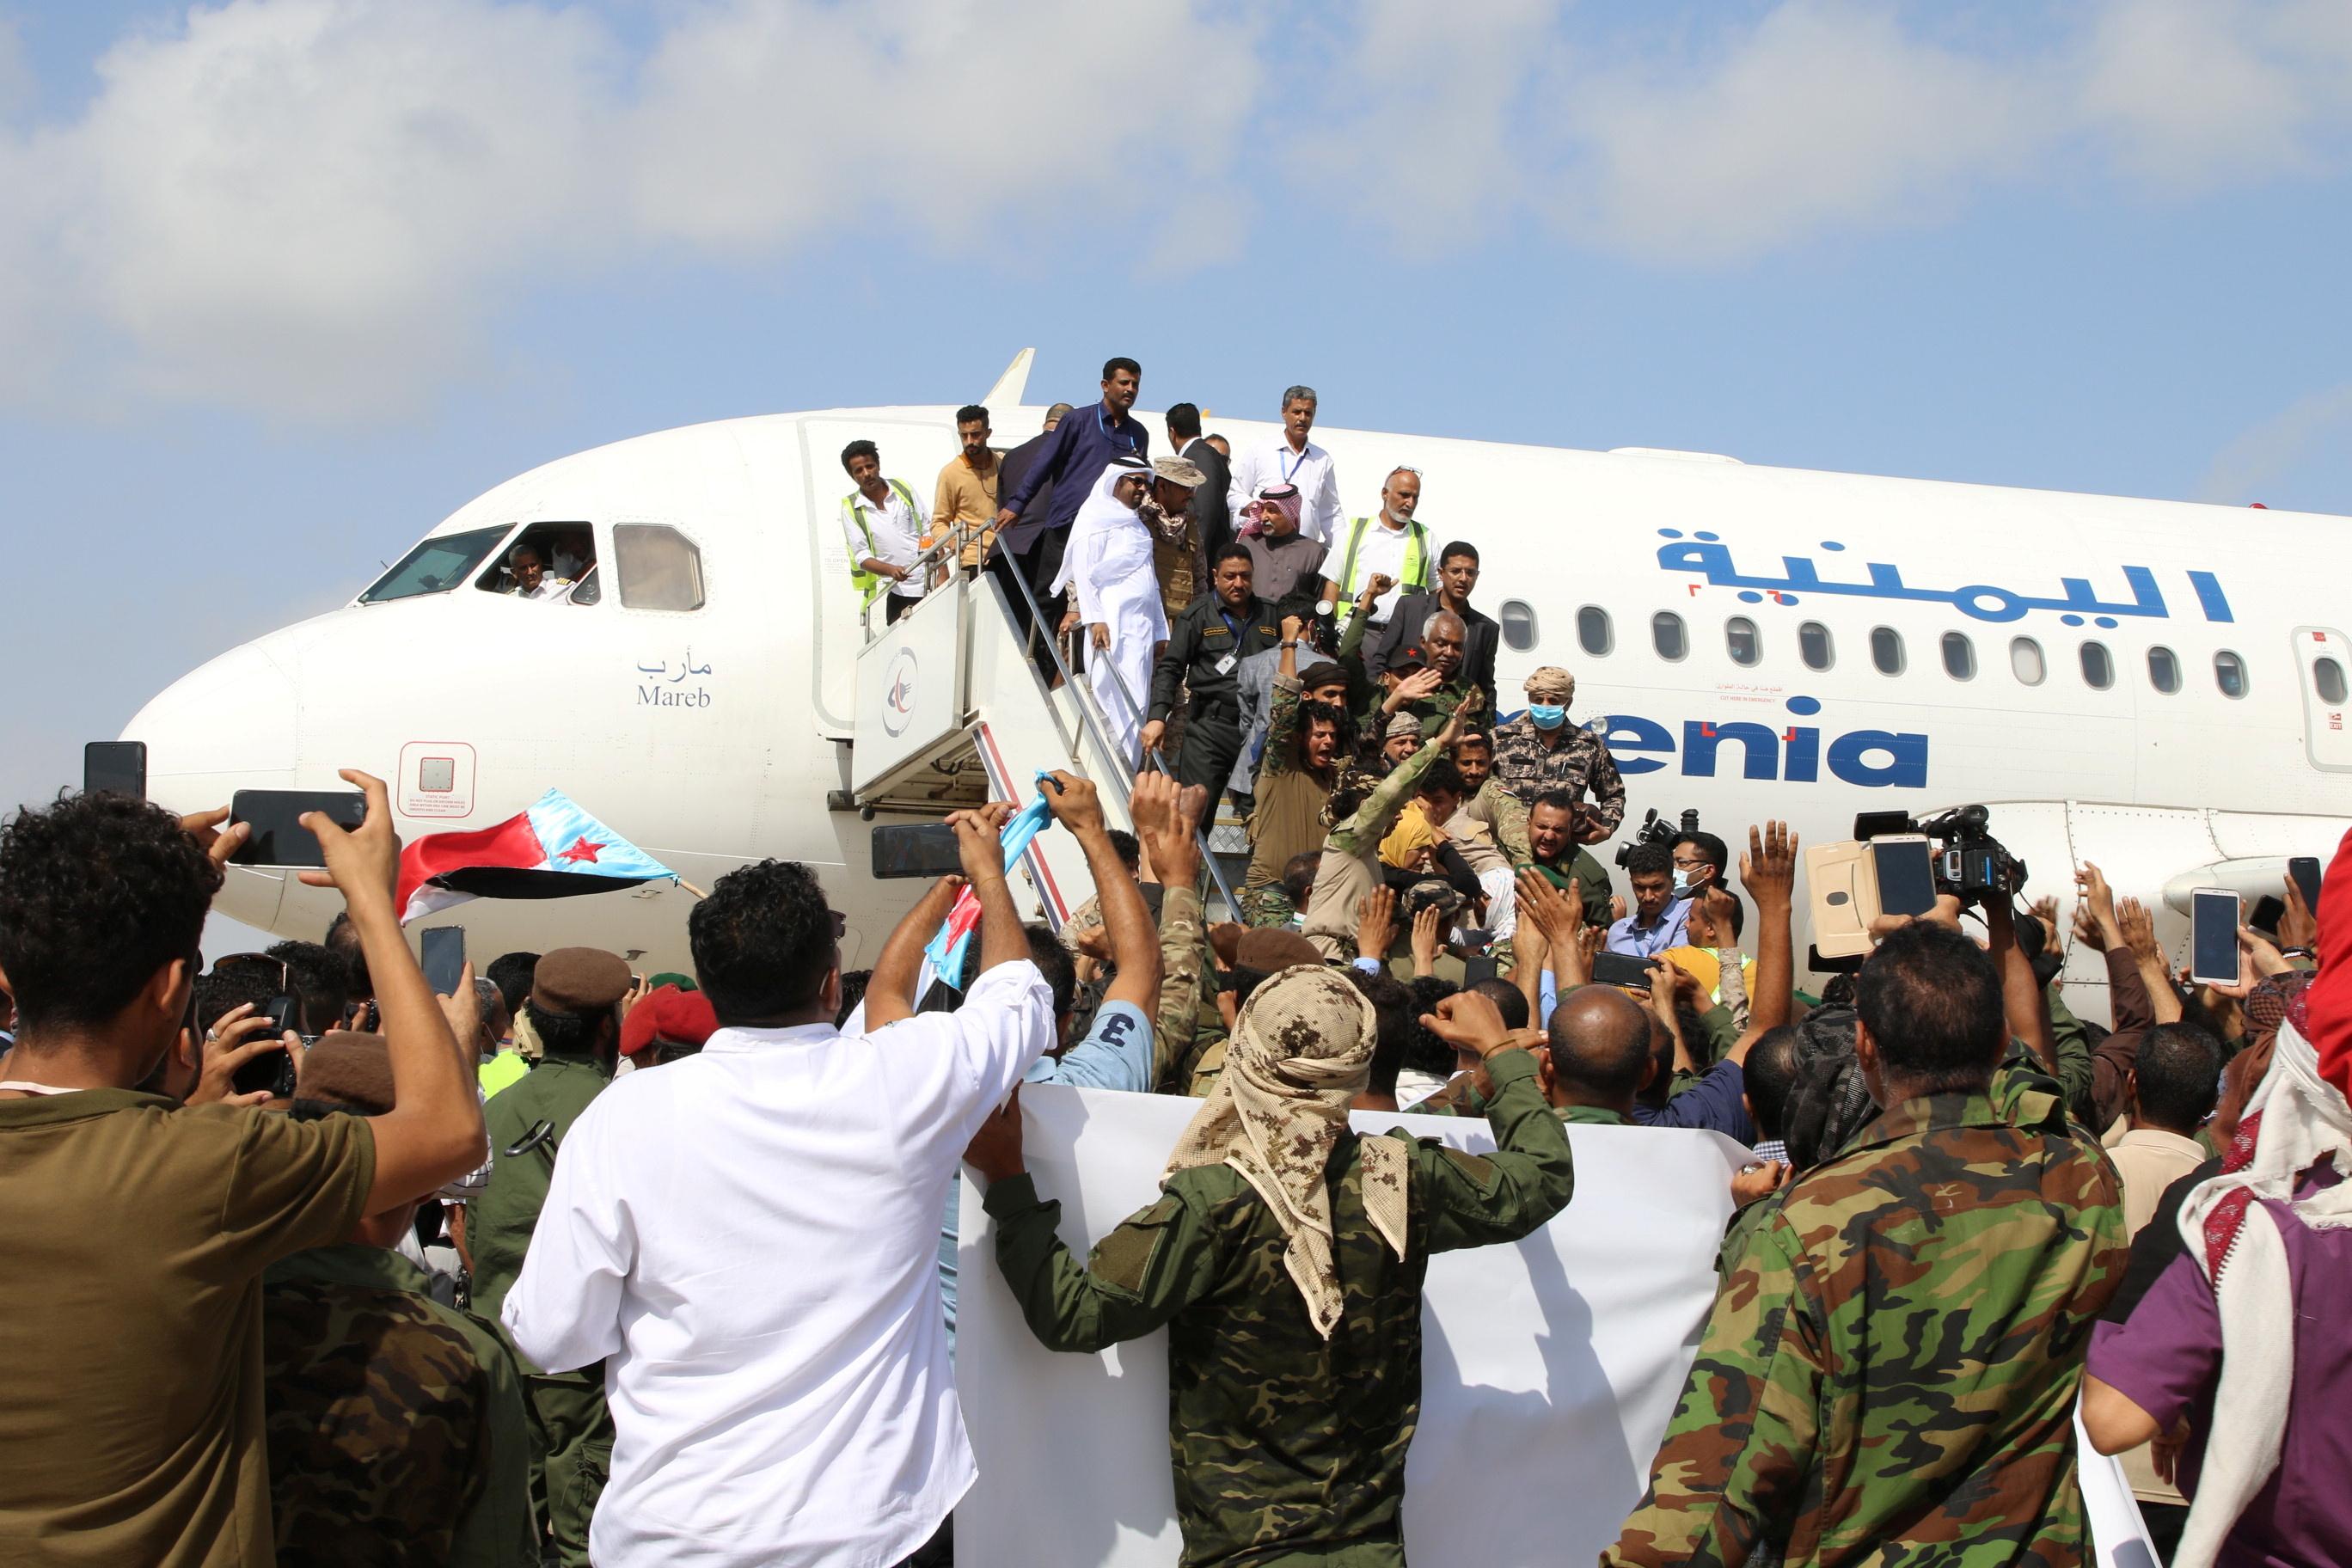 विमान में यमन के प्रधानमंत्री मीन अब्दुल मलिक सईद अपनी कैबिनेट के साथ मौजूद थे।